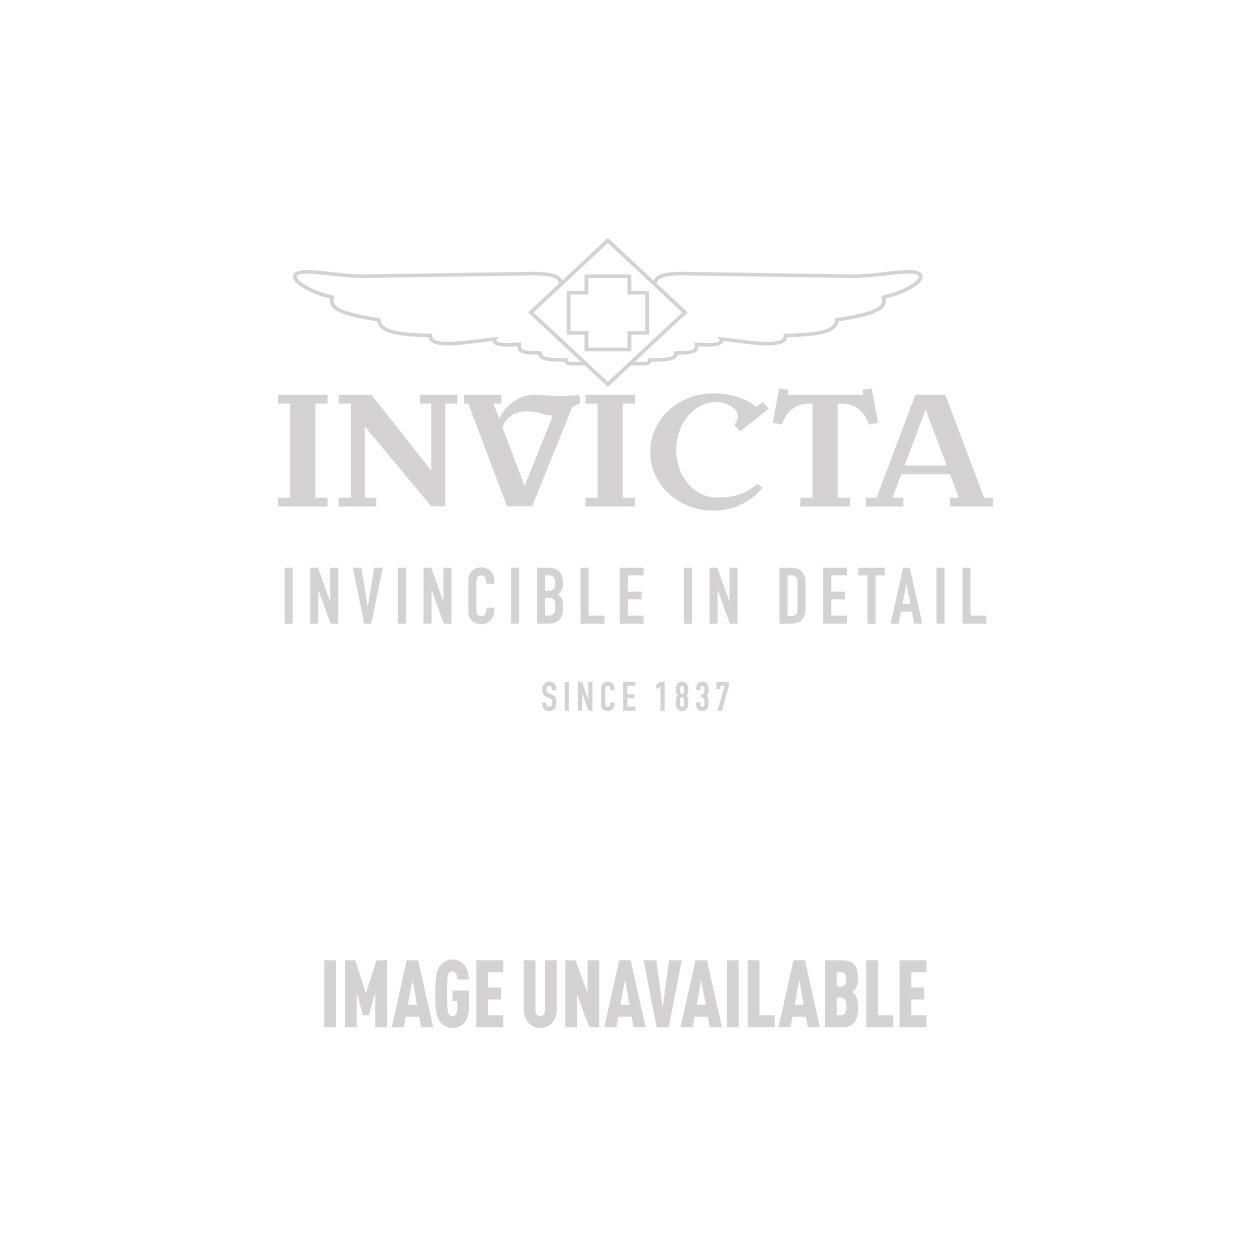 Invicta Model 27216